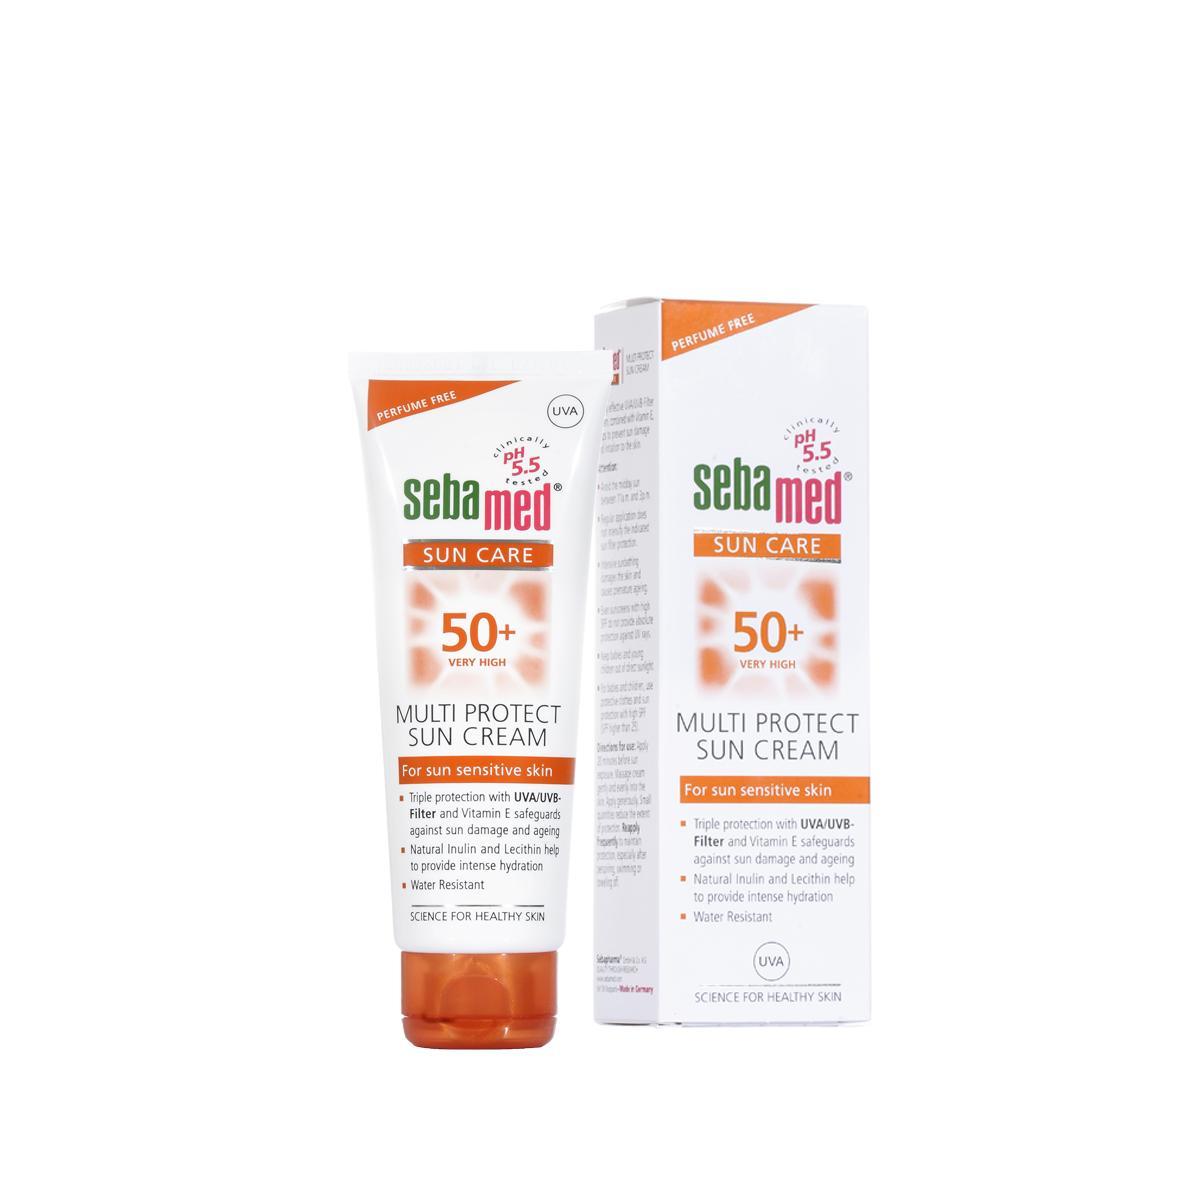 Kem chống nắng SPF50+ dành cho da nhạy cảm Sebamed pH5.5